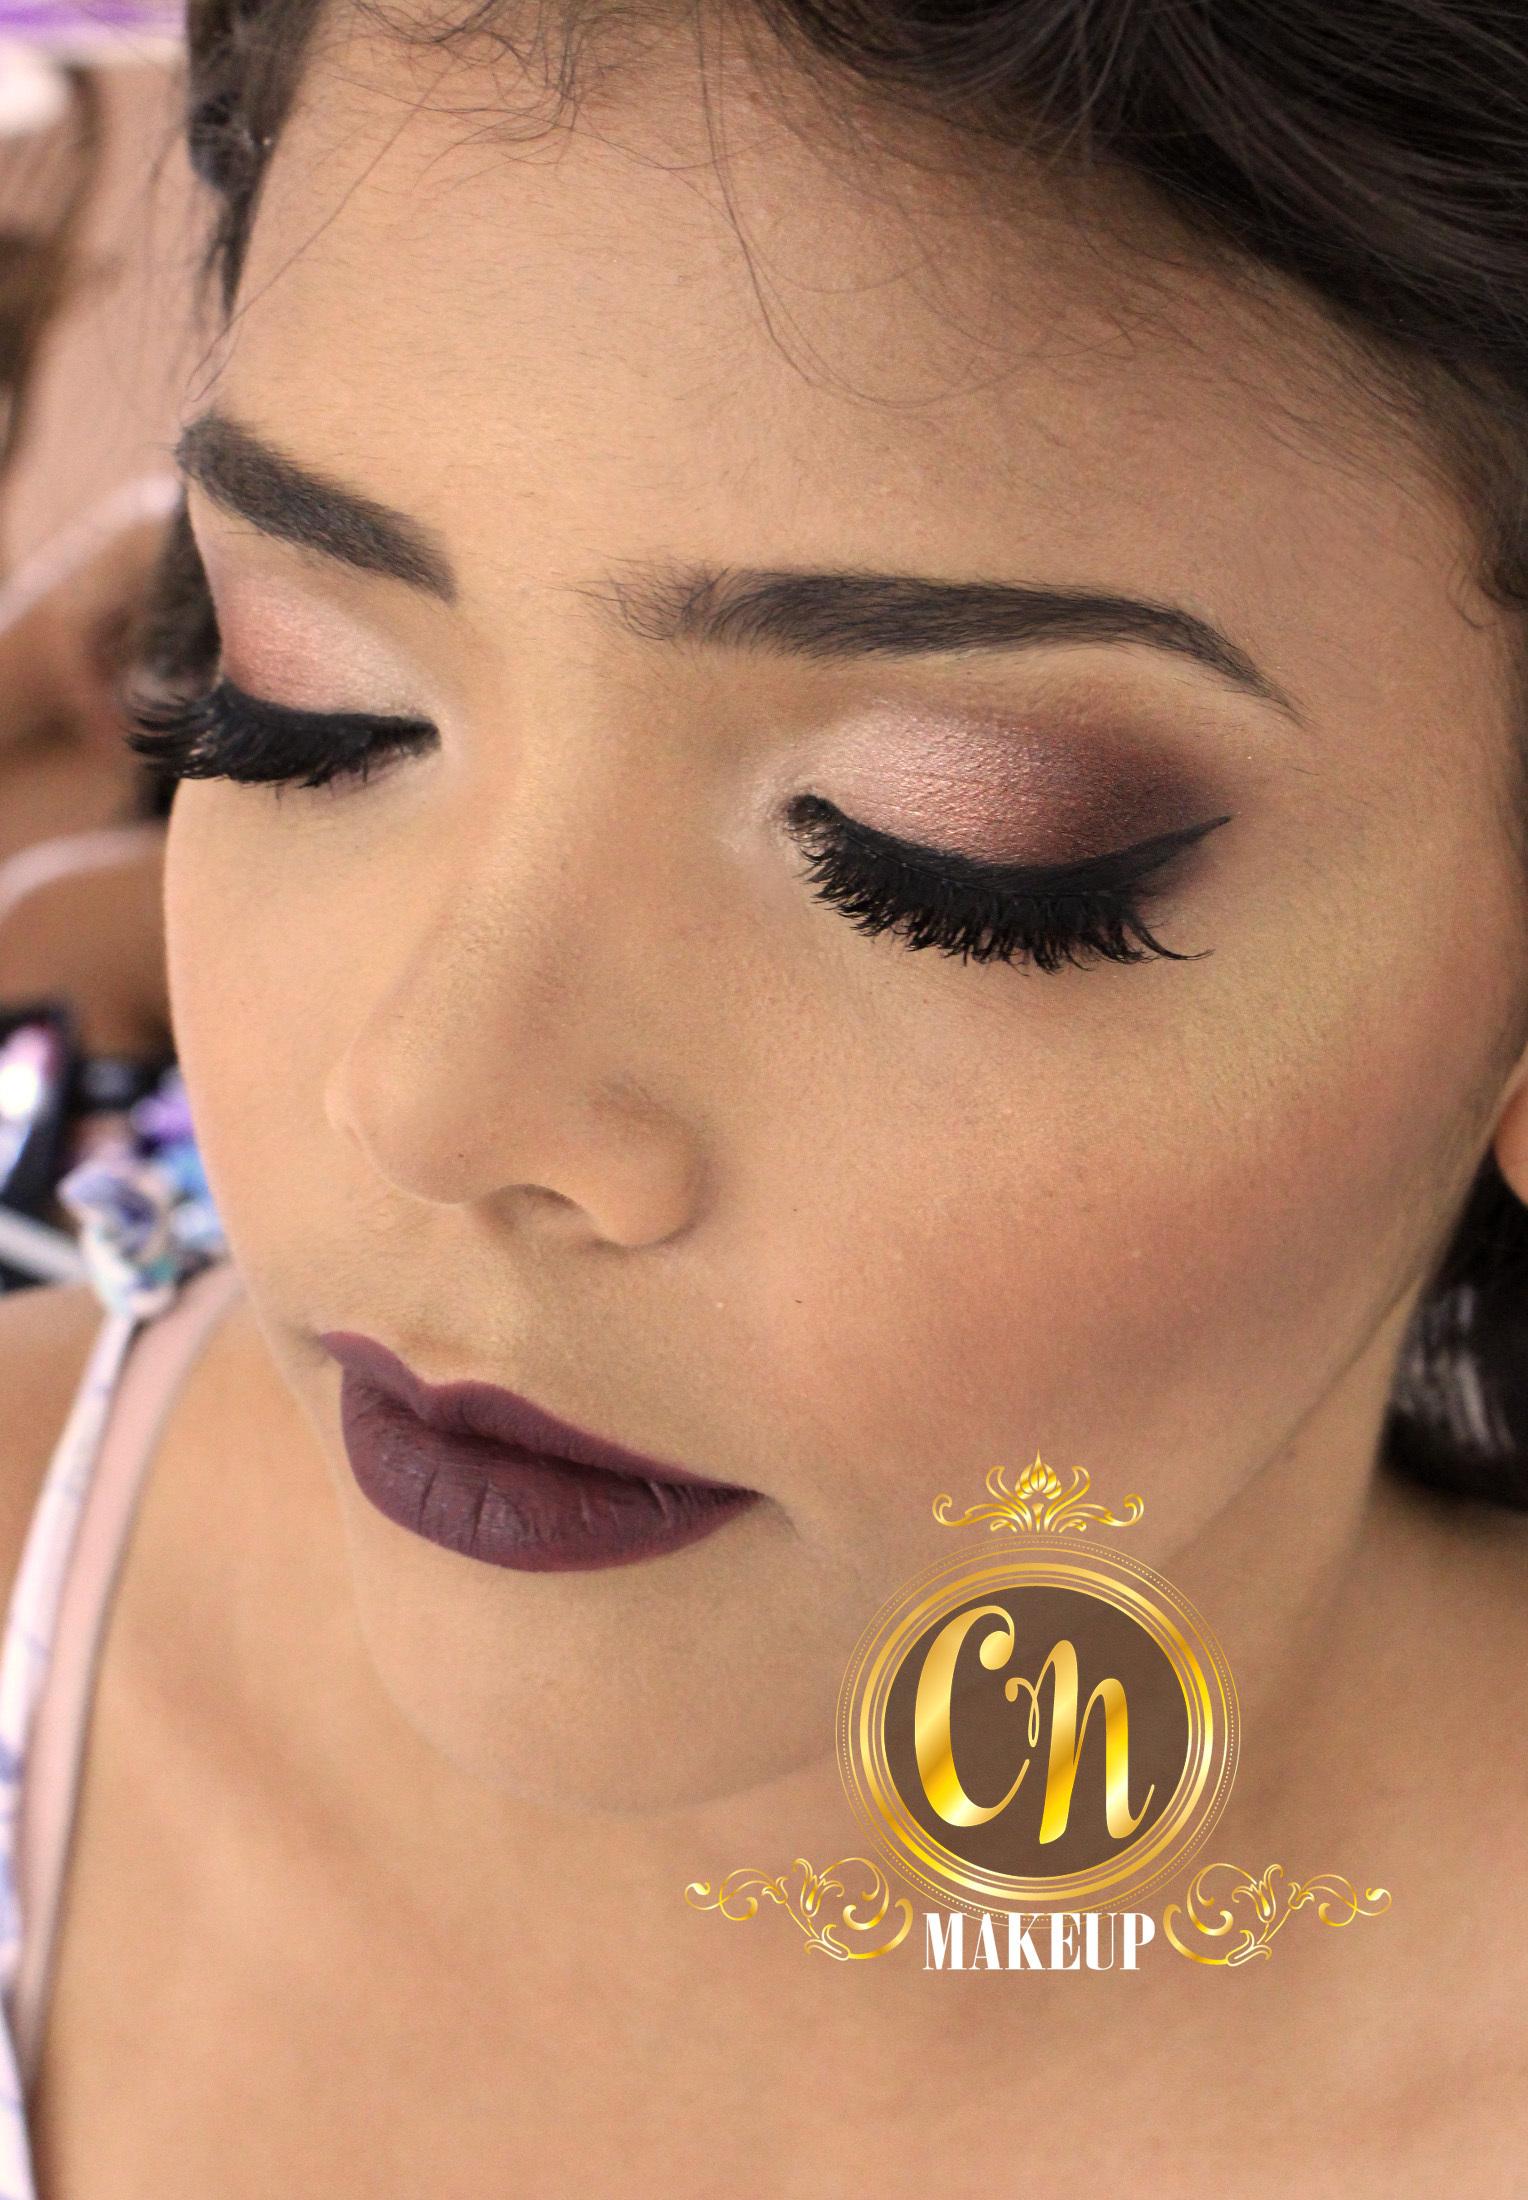 Maquiagem neutra, porém poderosa! Formanda linda! #maquiagemformatura #maquiagemformanda #maquiagemousada #bocatudo  maquiagem maquiador(a)